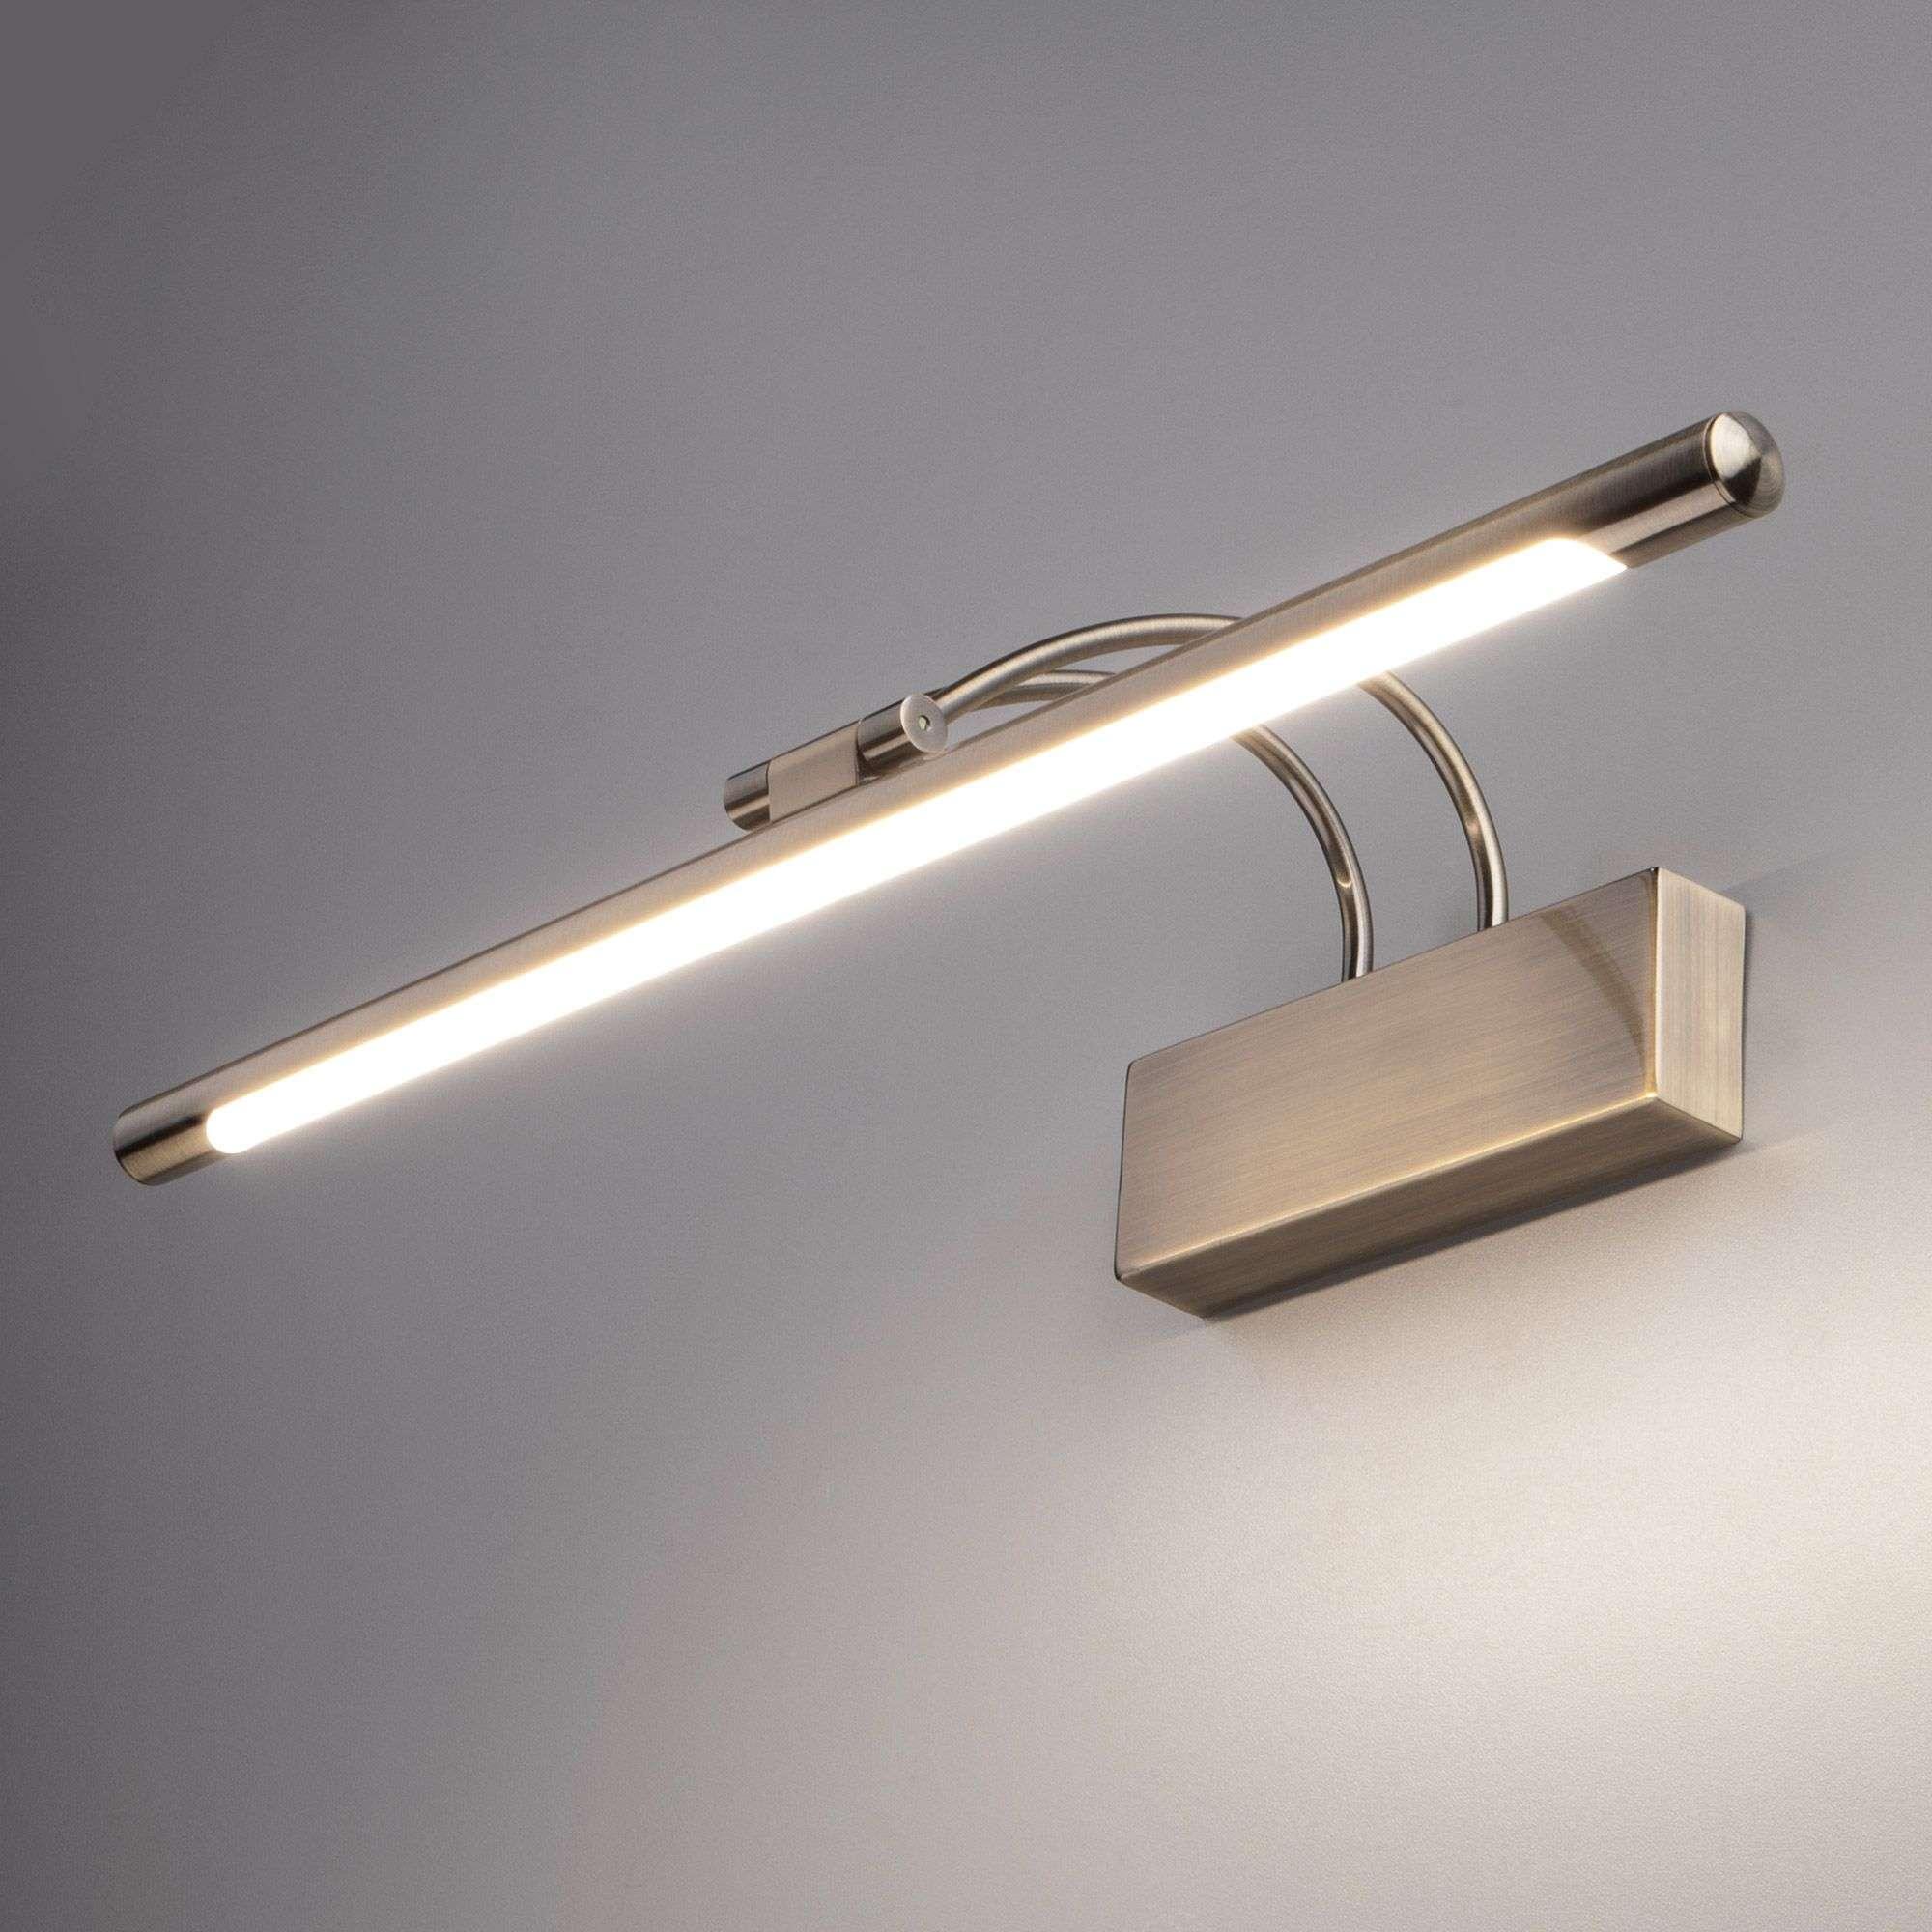 Настенный светодиодный светильник Simple LED бронза Simple LED 10W 1011 IP20 бронза